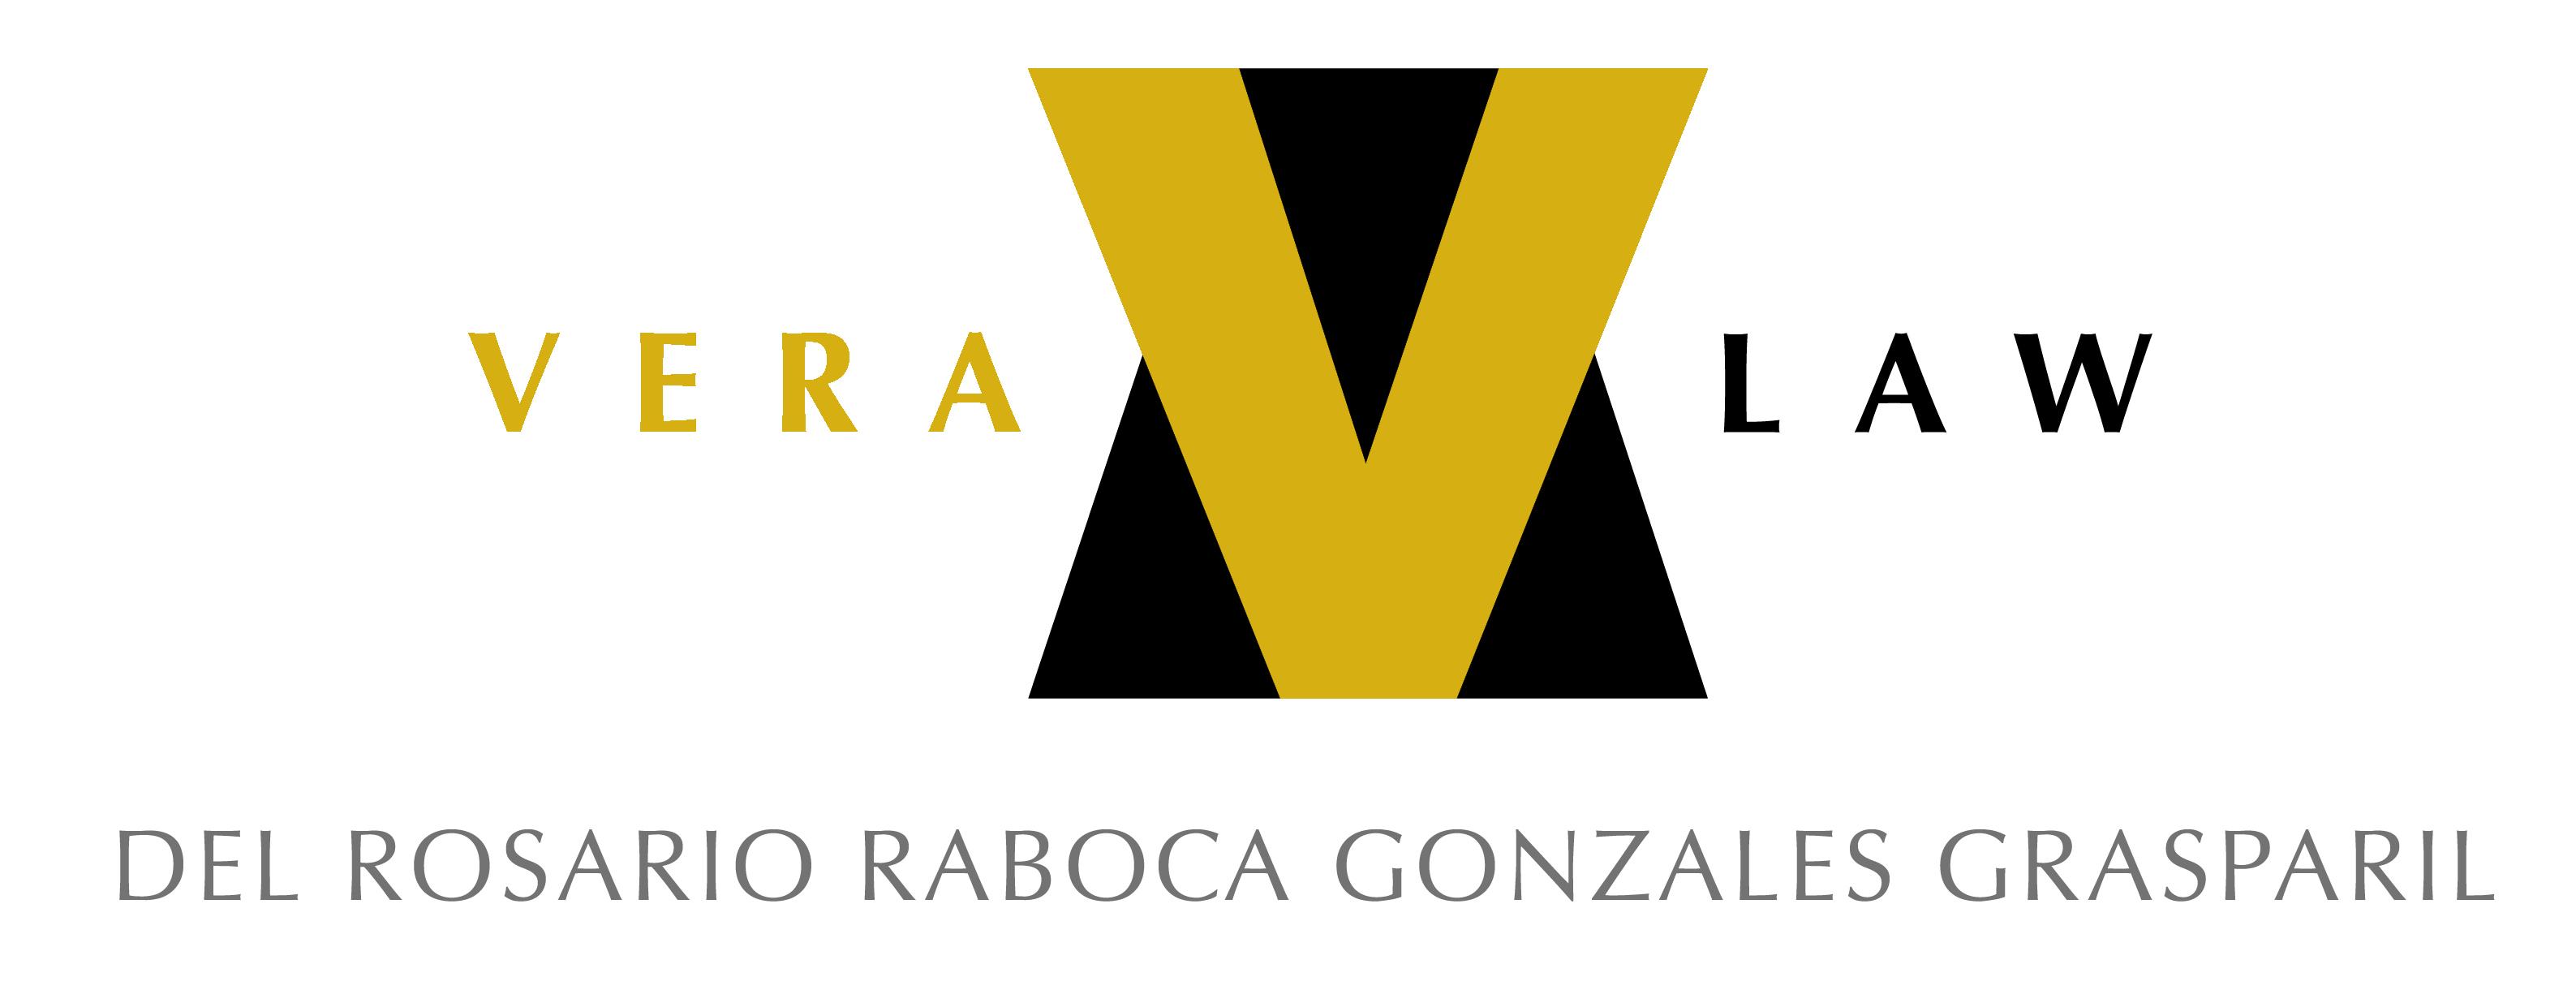 Vera Law (Del Rosario Raboca Gonzales Grasparil)